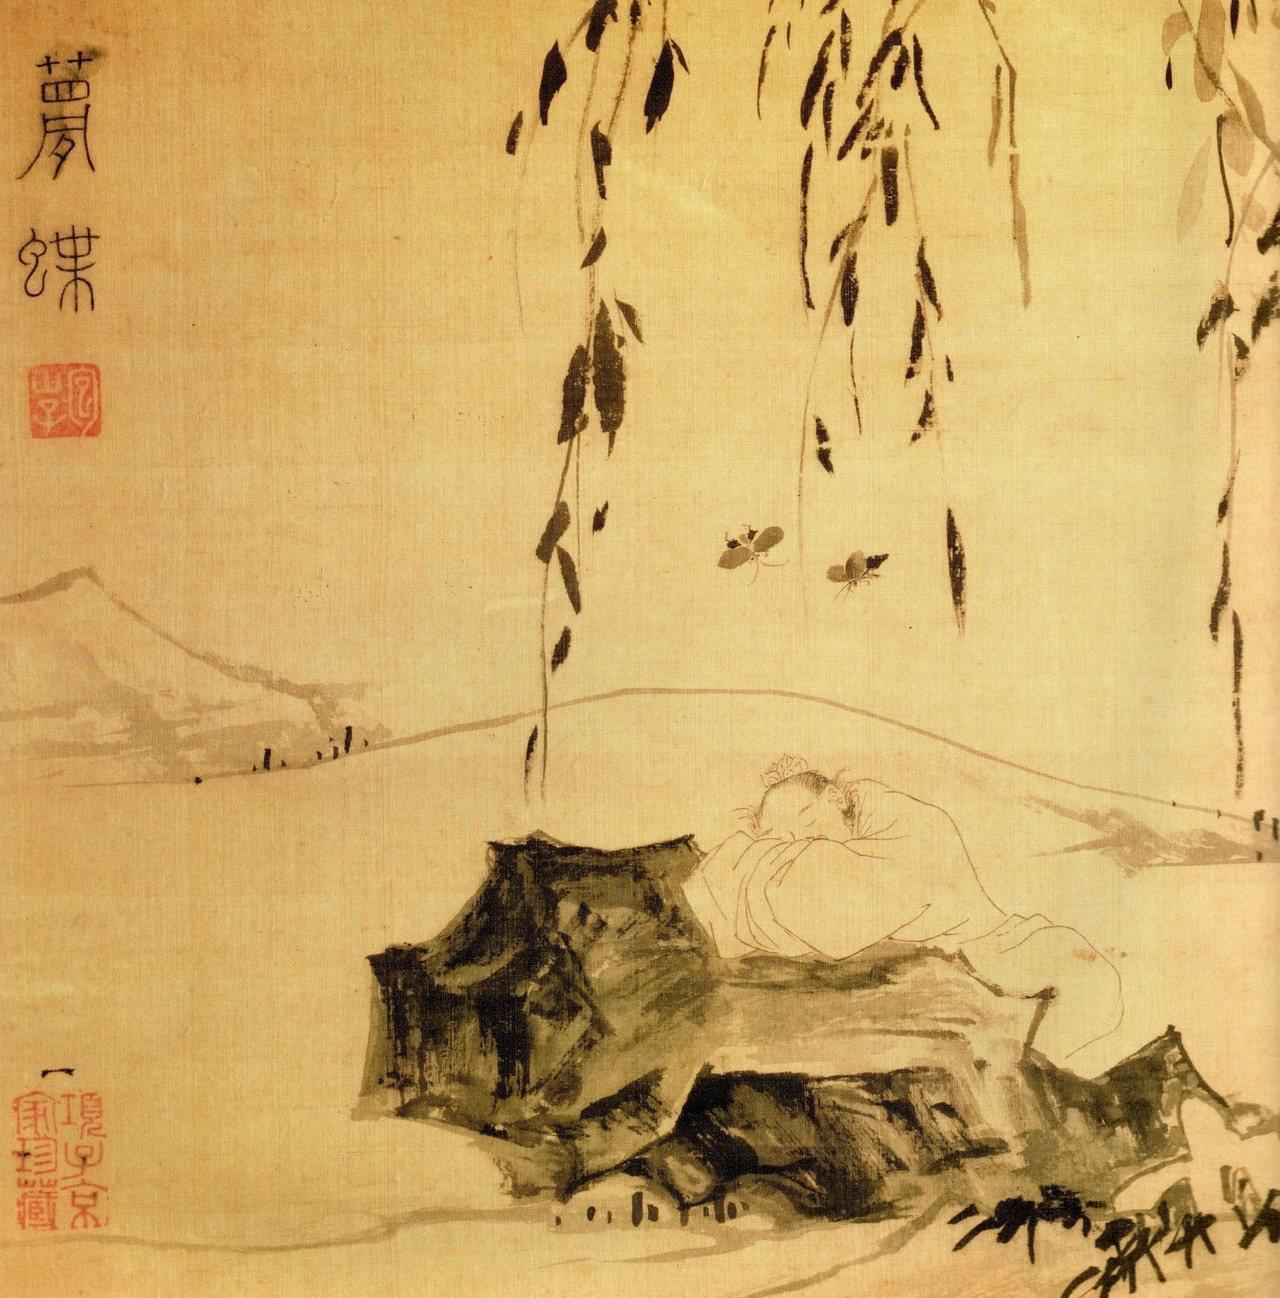 莊周夢蝶 (圖片來源:維基百科)